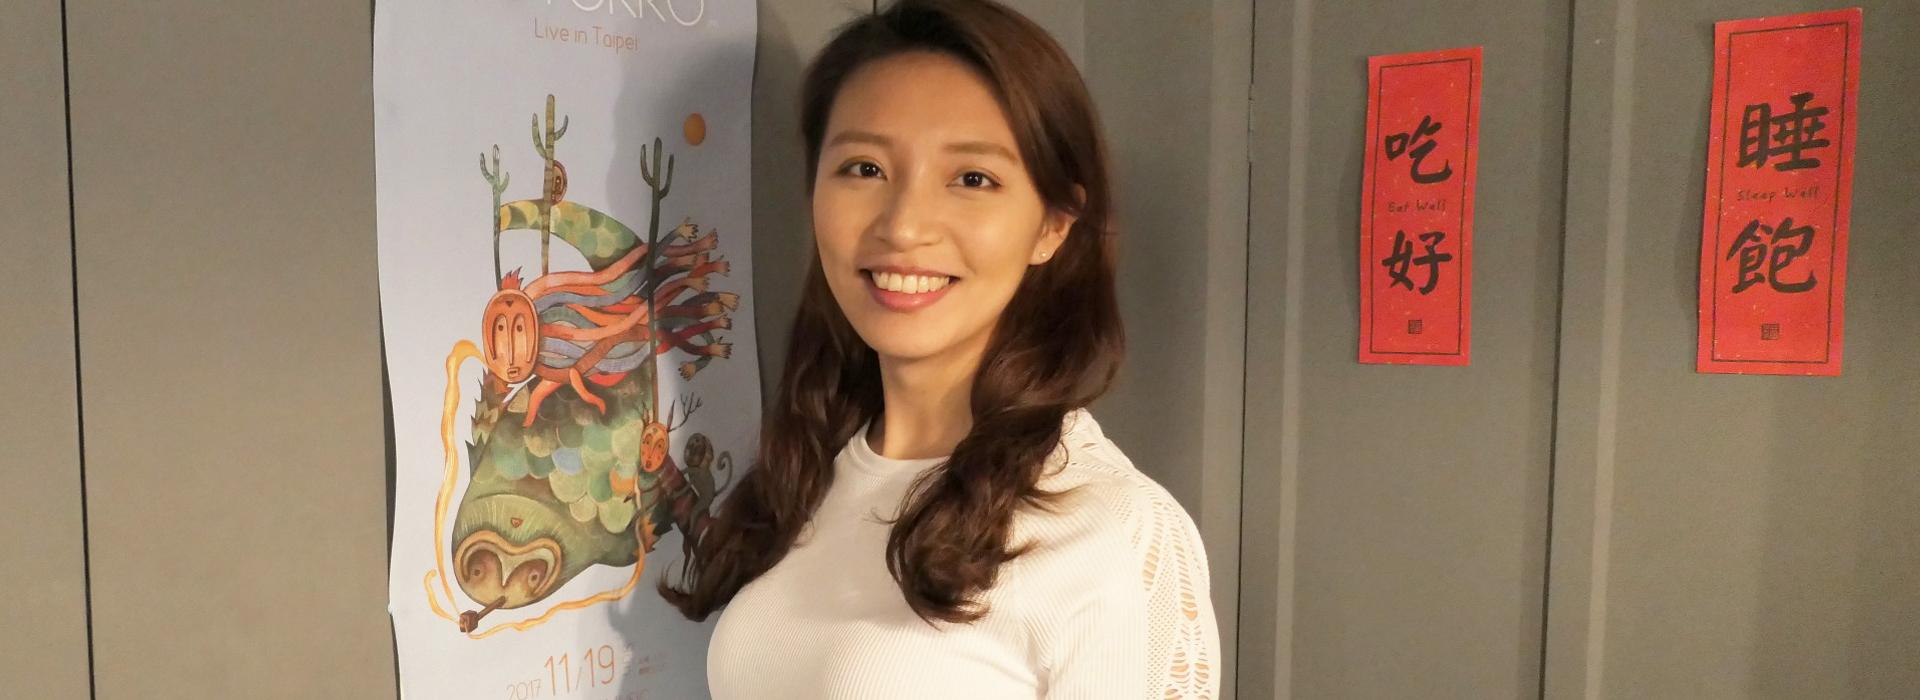 90後女生勇闖巴西、香港 好英文讓她成功實現海外工作夢!